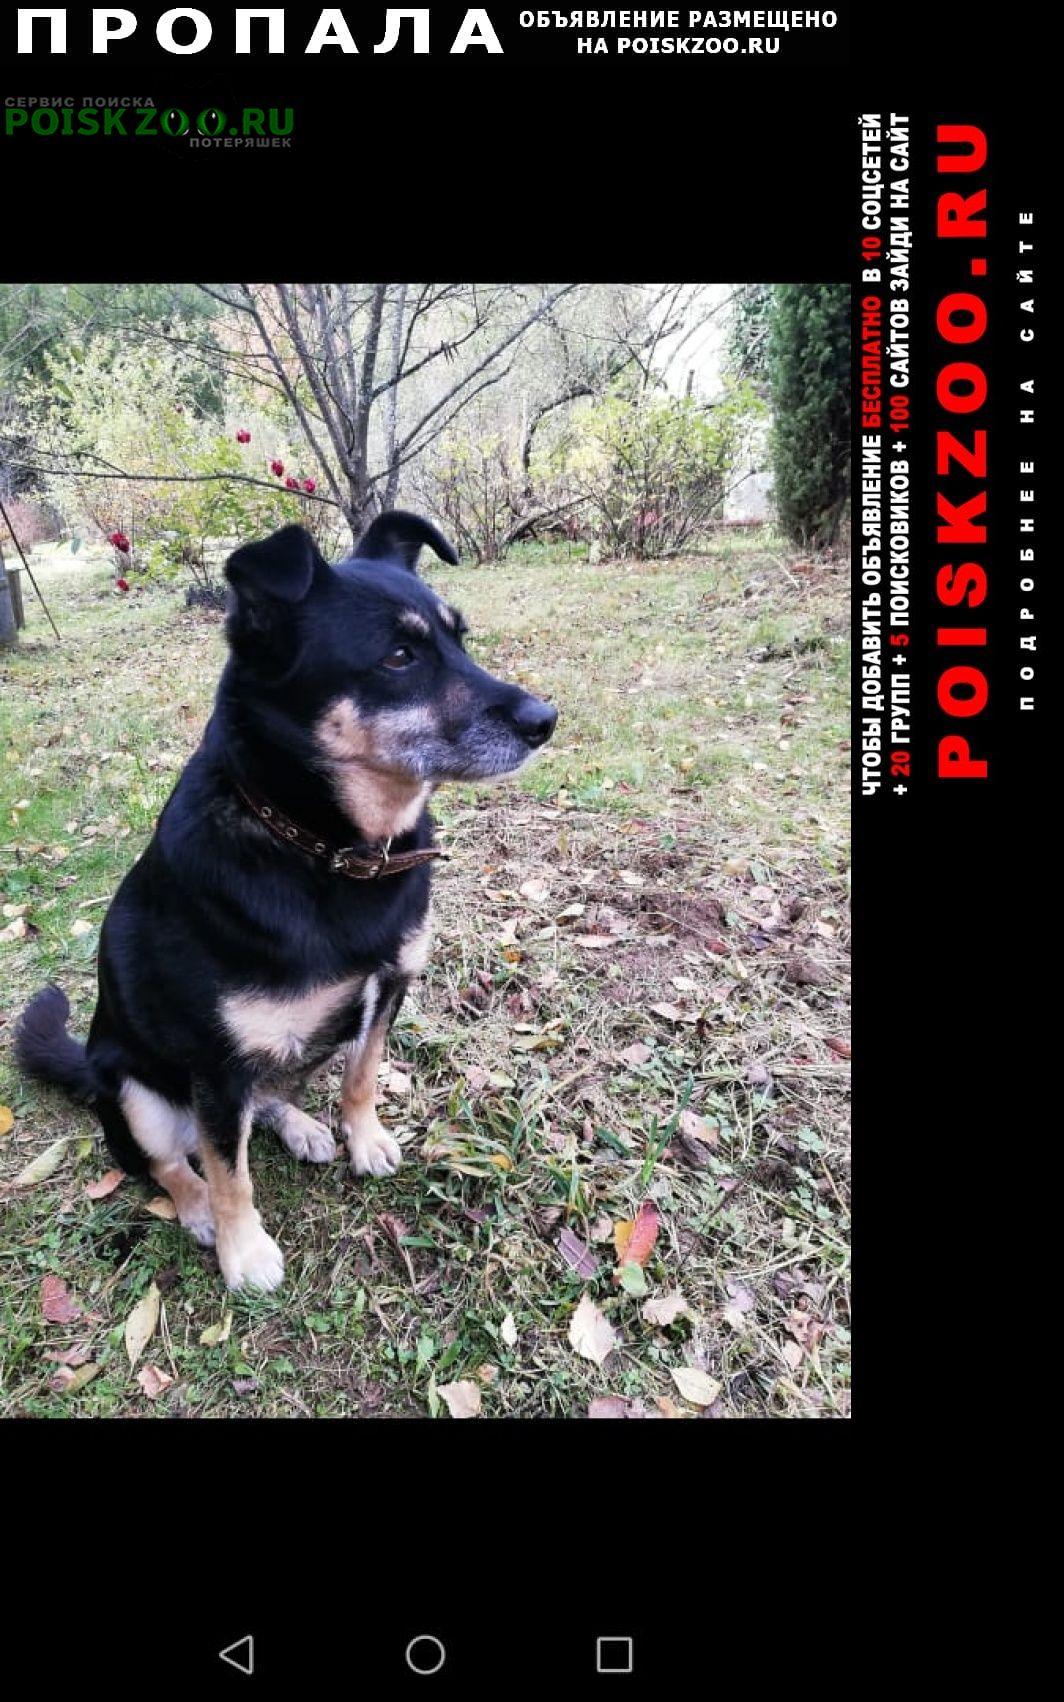 Пропала собака Михнево